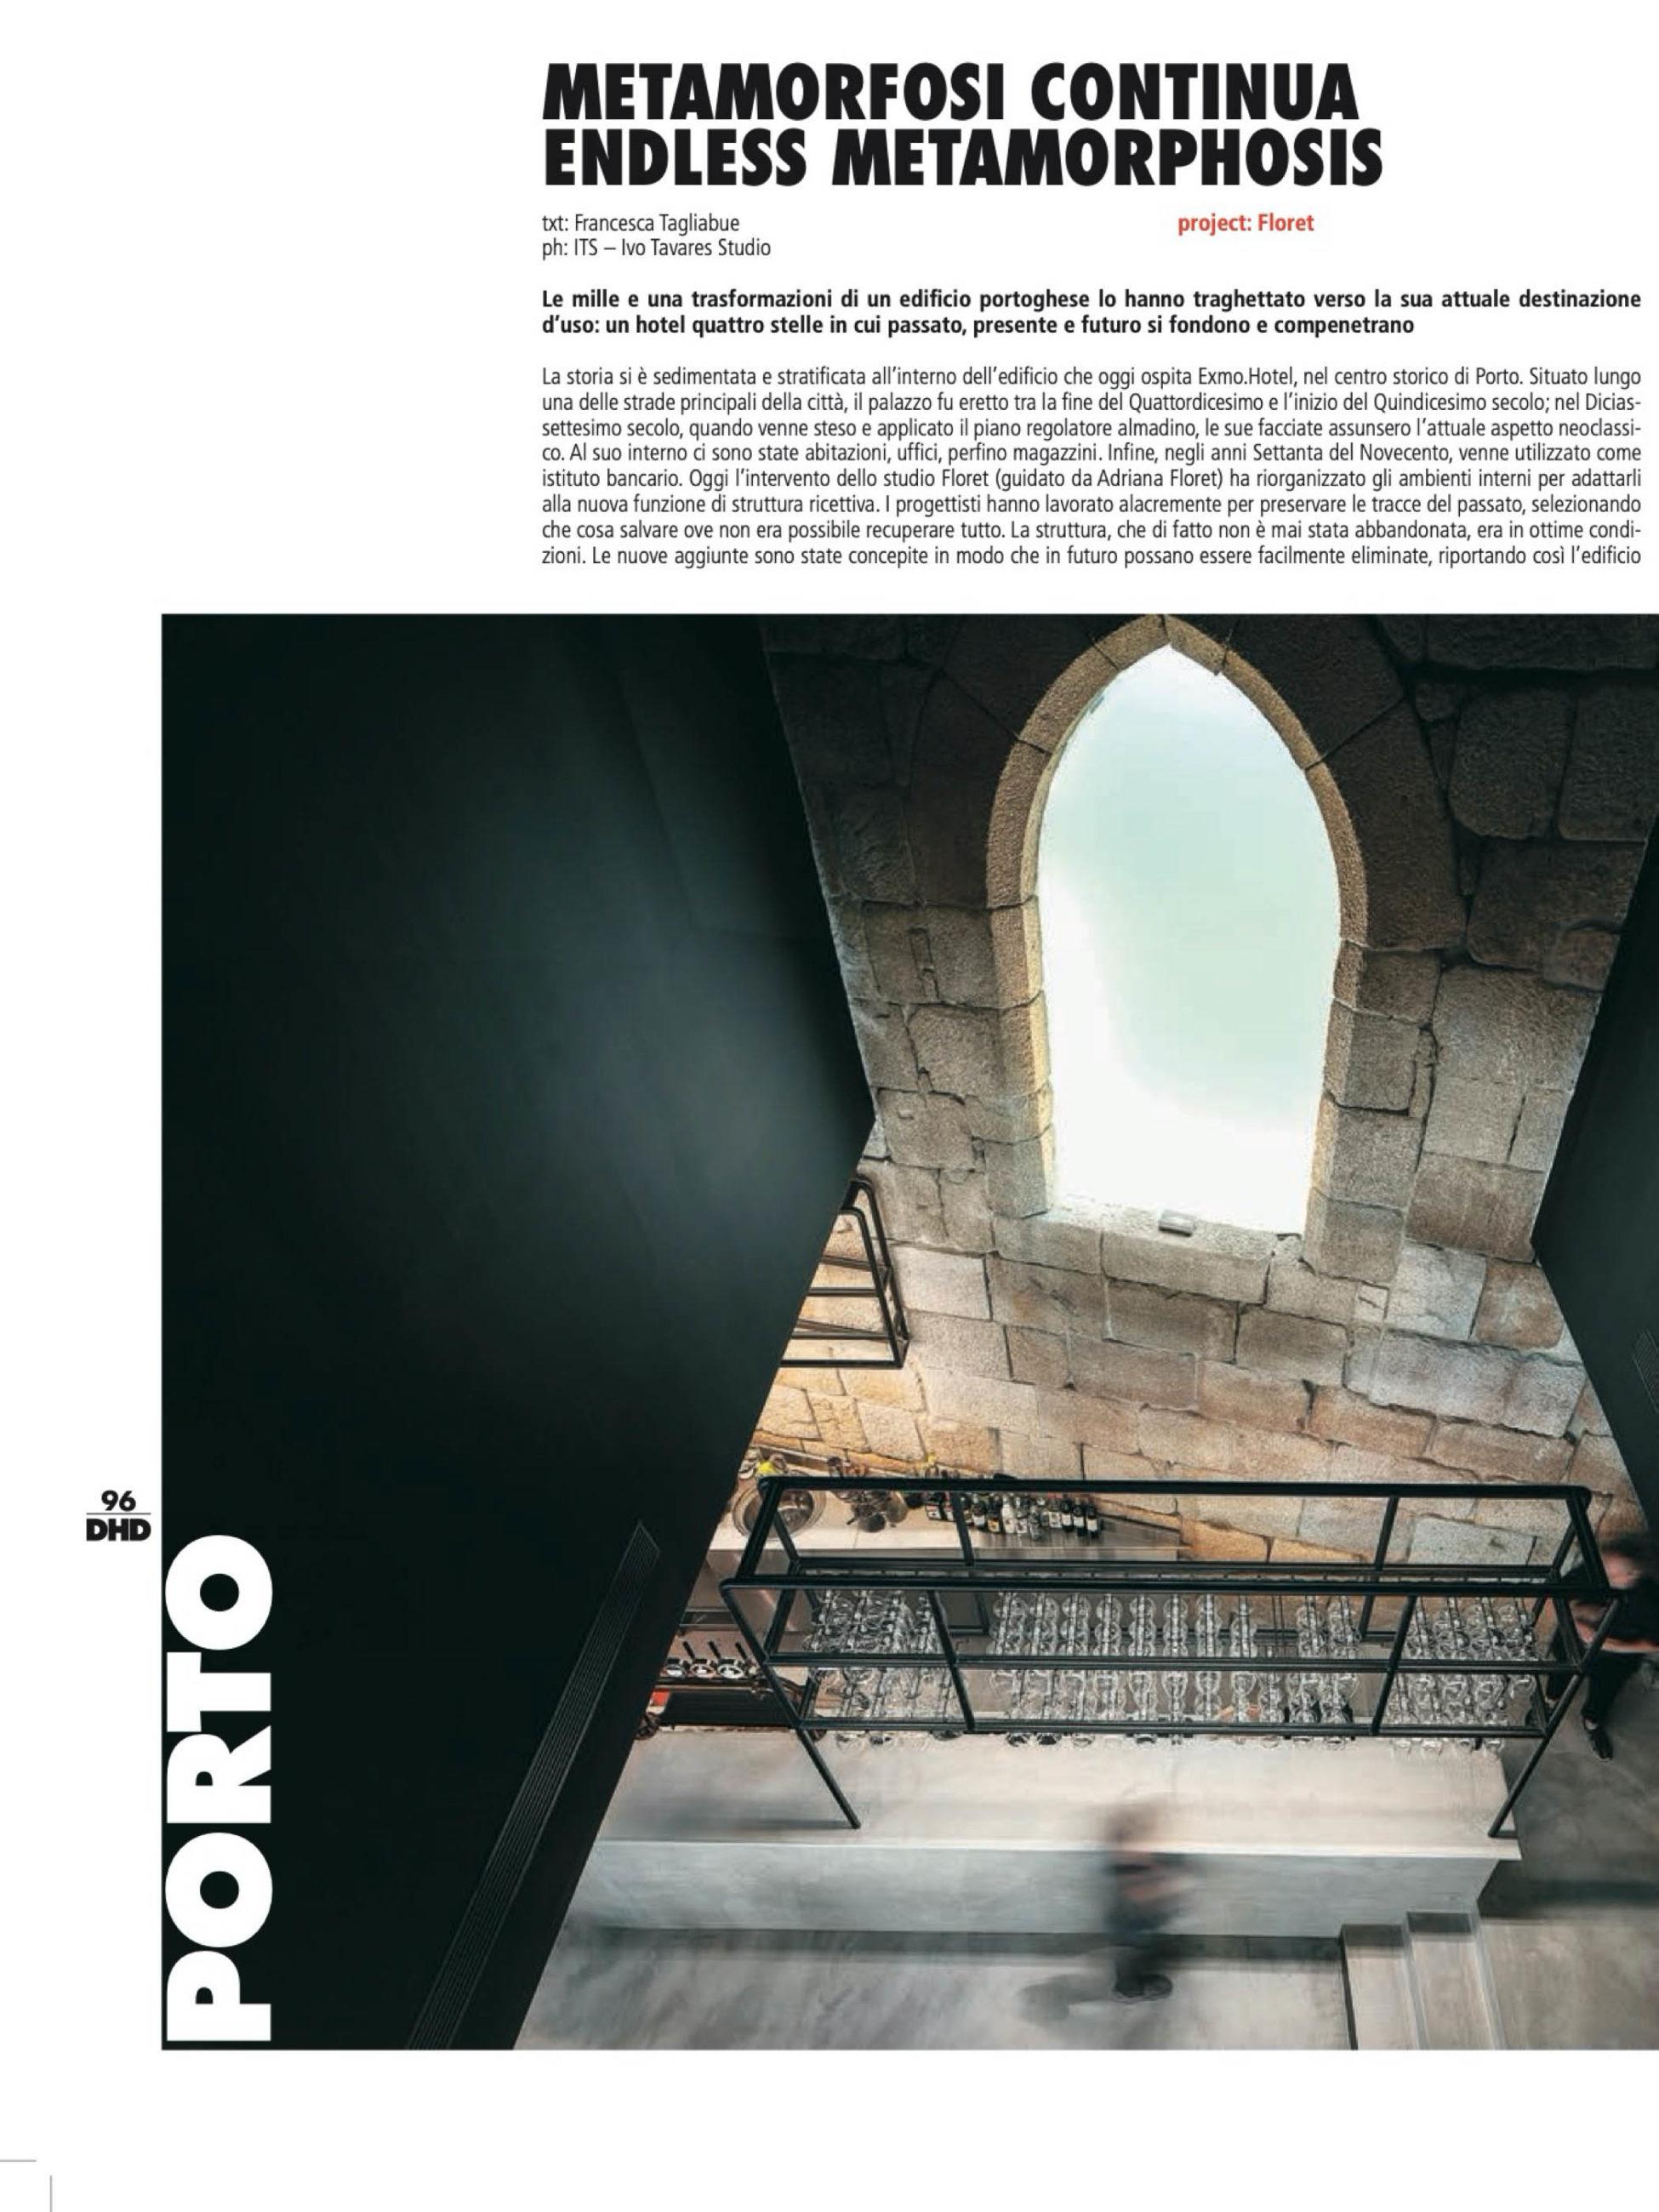 Exmo Hotel no Porto do atelier Floret Arquitectura publicado na revista Hotel Design Diffusion com fotografia de arquitetura Ivo Tavares Studio